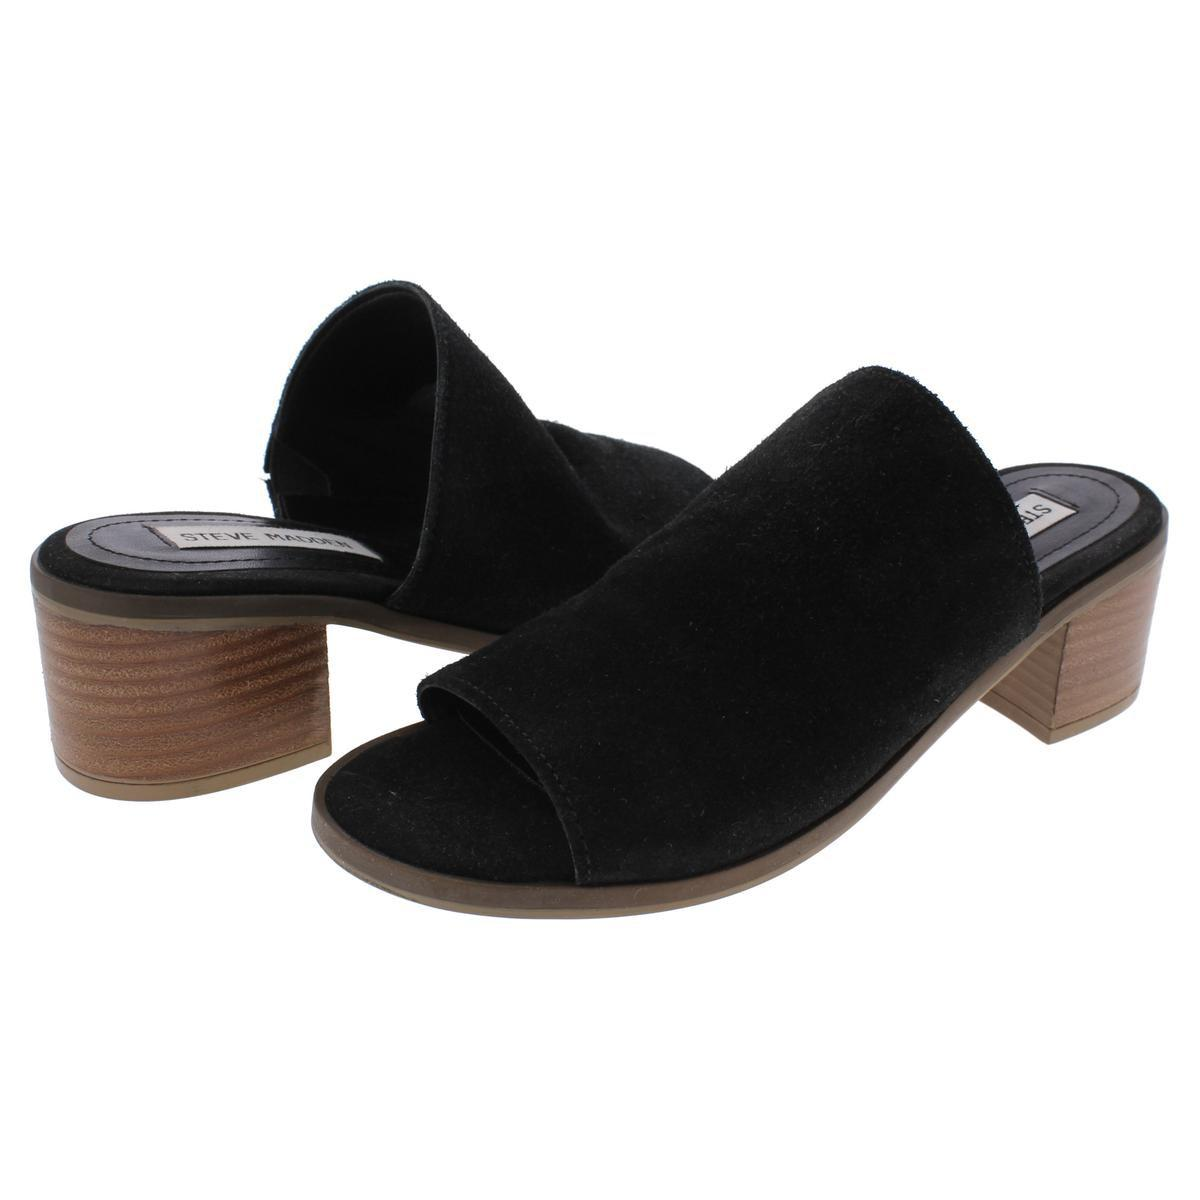 af1fc162beb Lyst - Steve Madden Richelle Open Toe Stacked Dress Sandals in Black